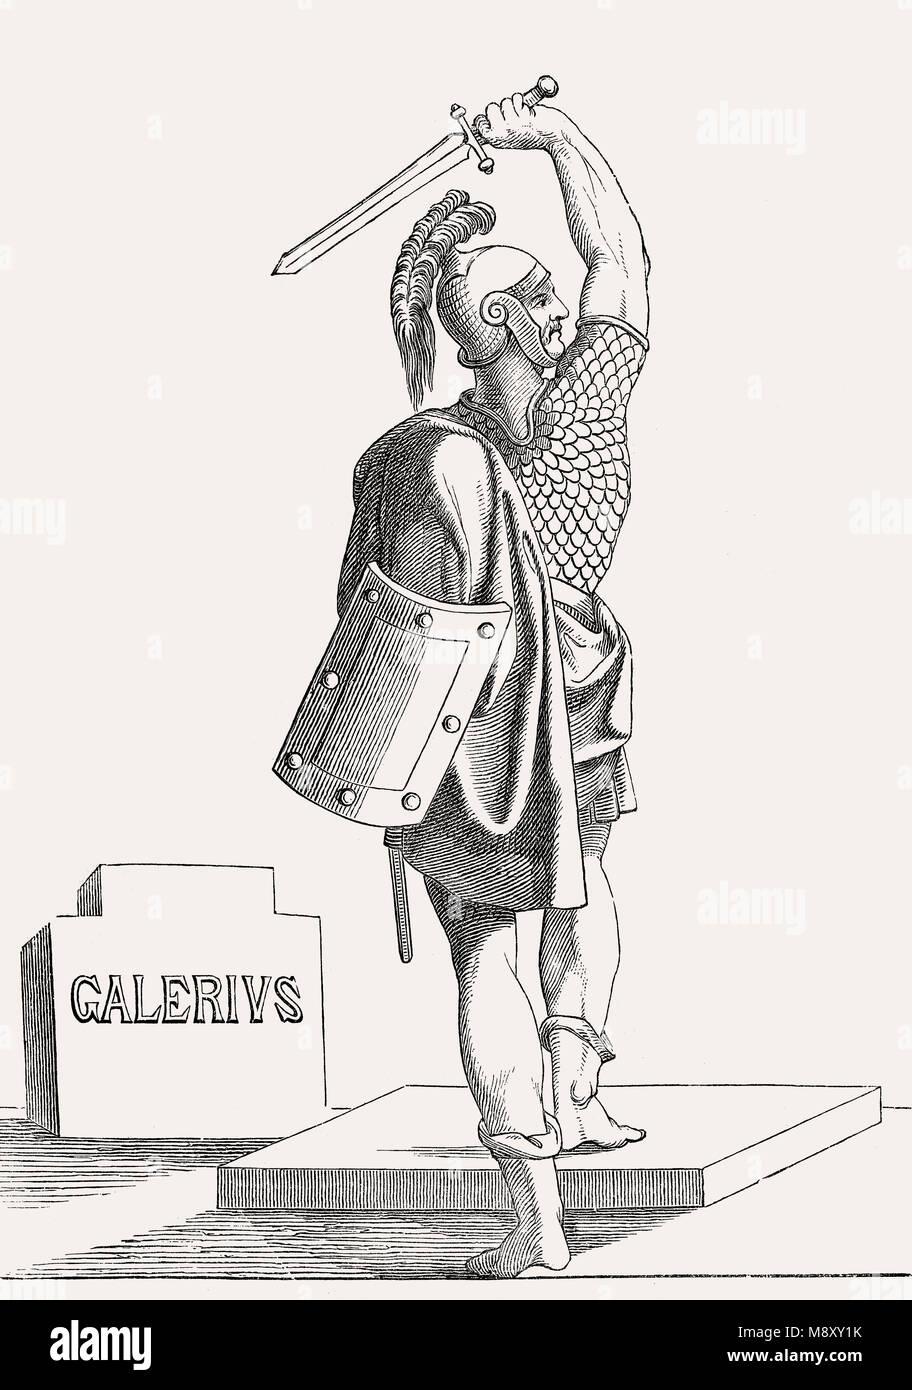 Galerius, Römischer Kaiser von 305 bis 311 Stockbild